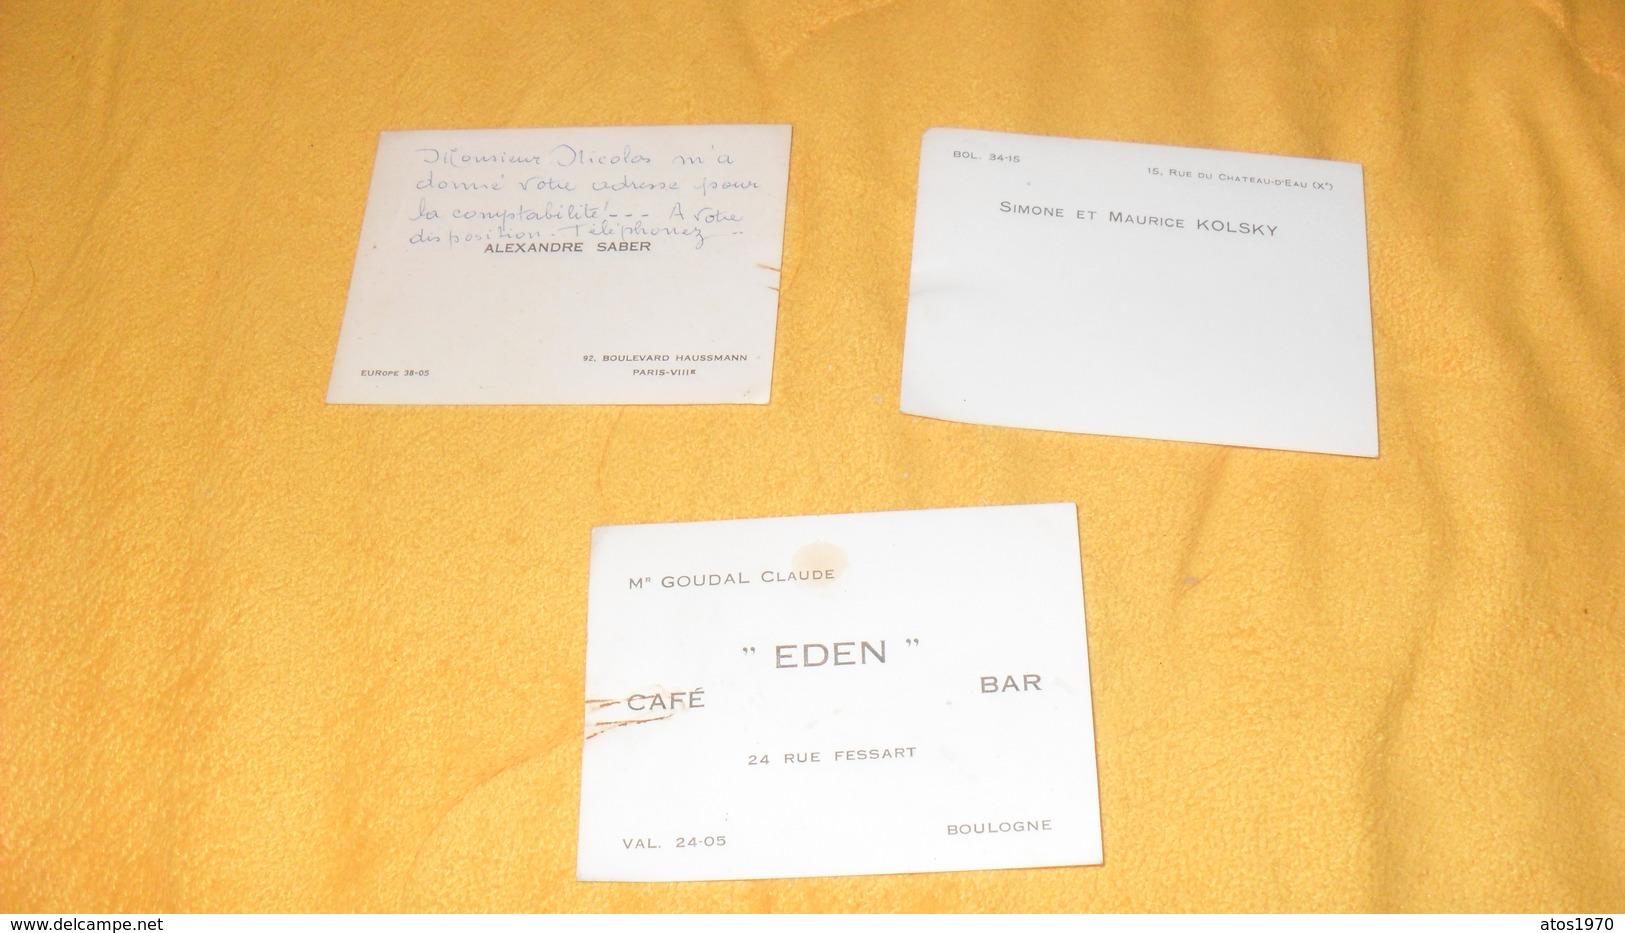 LOT DE 3 CARTES DE VISITES / SIMONE ET MAURICE KOLSKY, ALEXANDRE SABER, MR GOUDAL CLAUDE EDEN CAFE BAR BOULOGNE... - Tarjetas De Visita